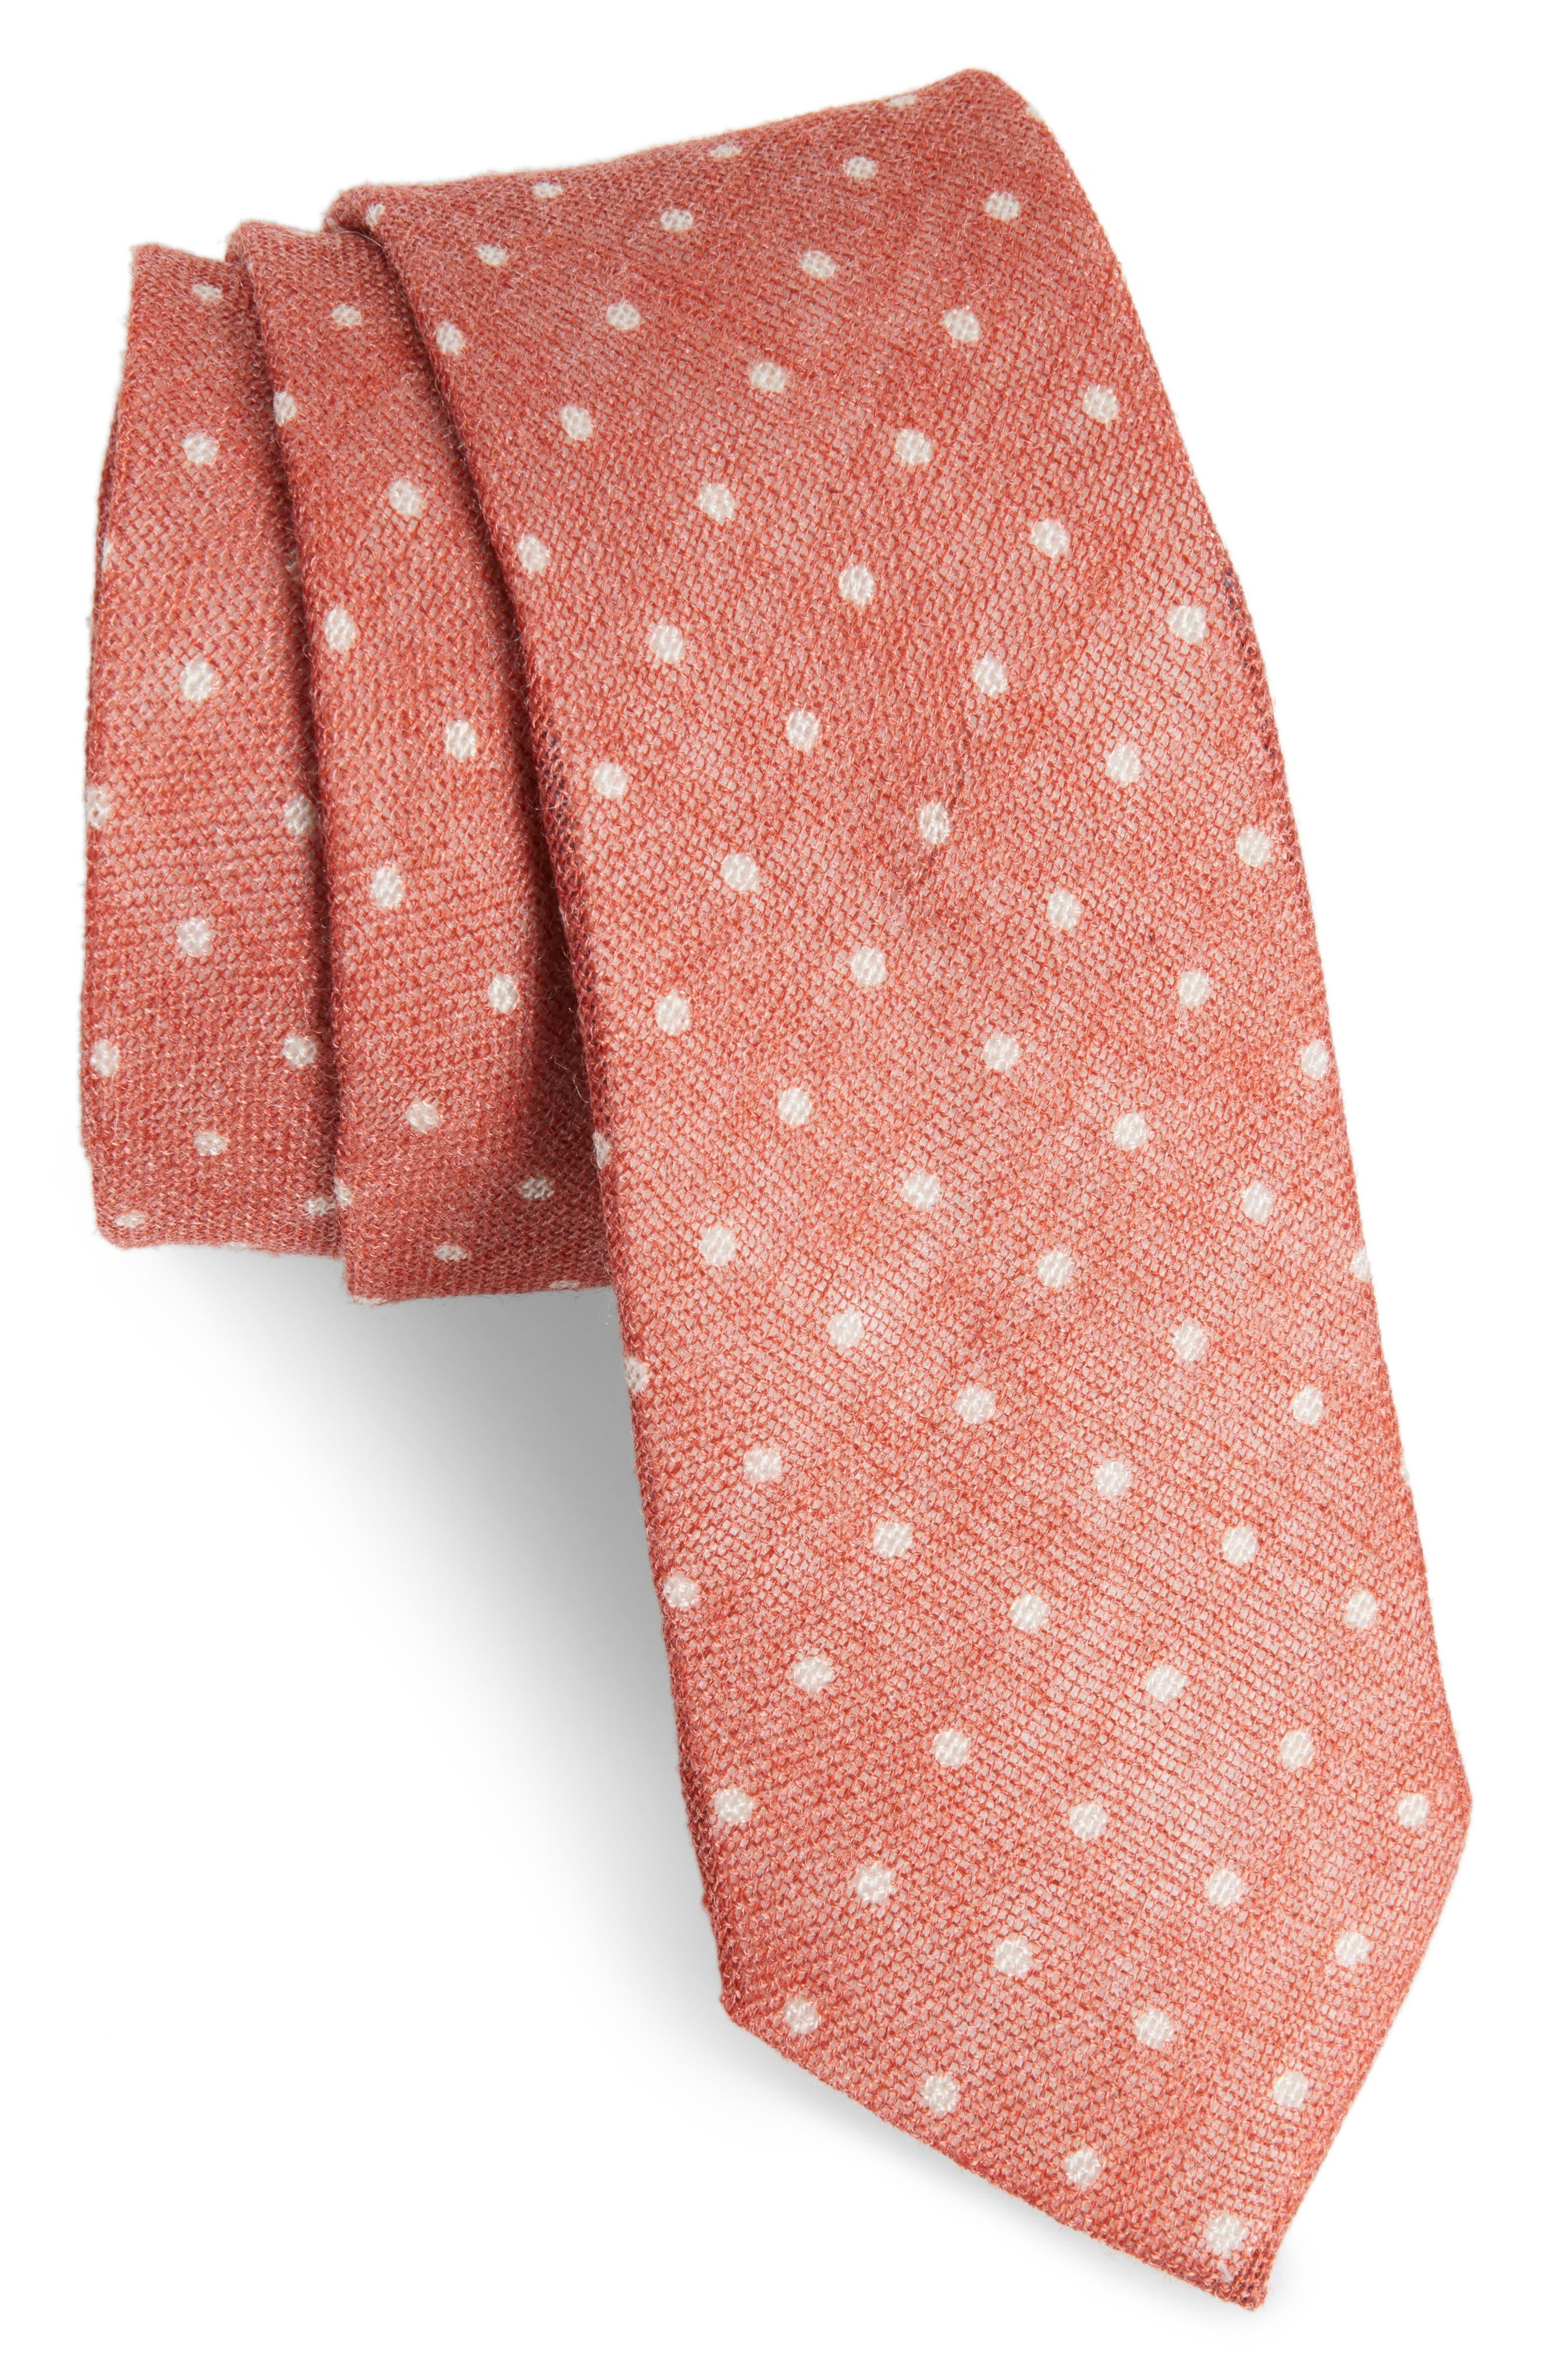 Bradford Dot Tie,                         Main,                         color, Orange